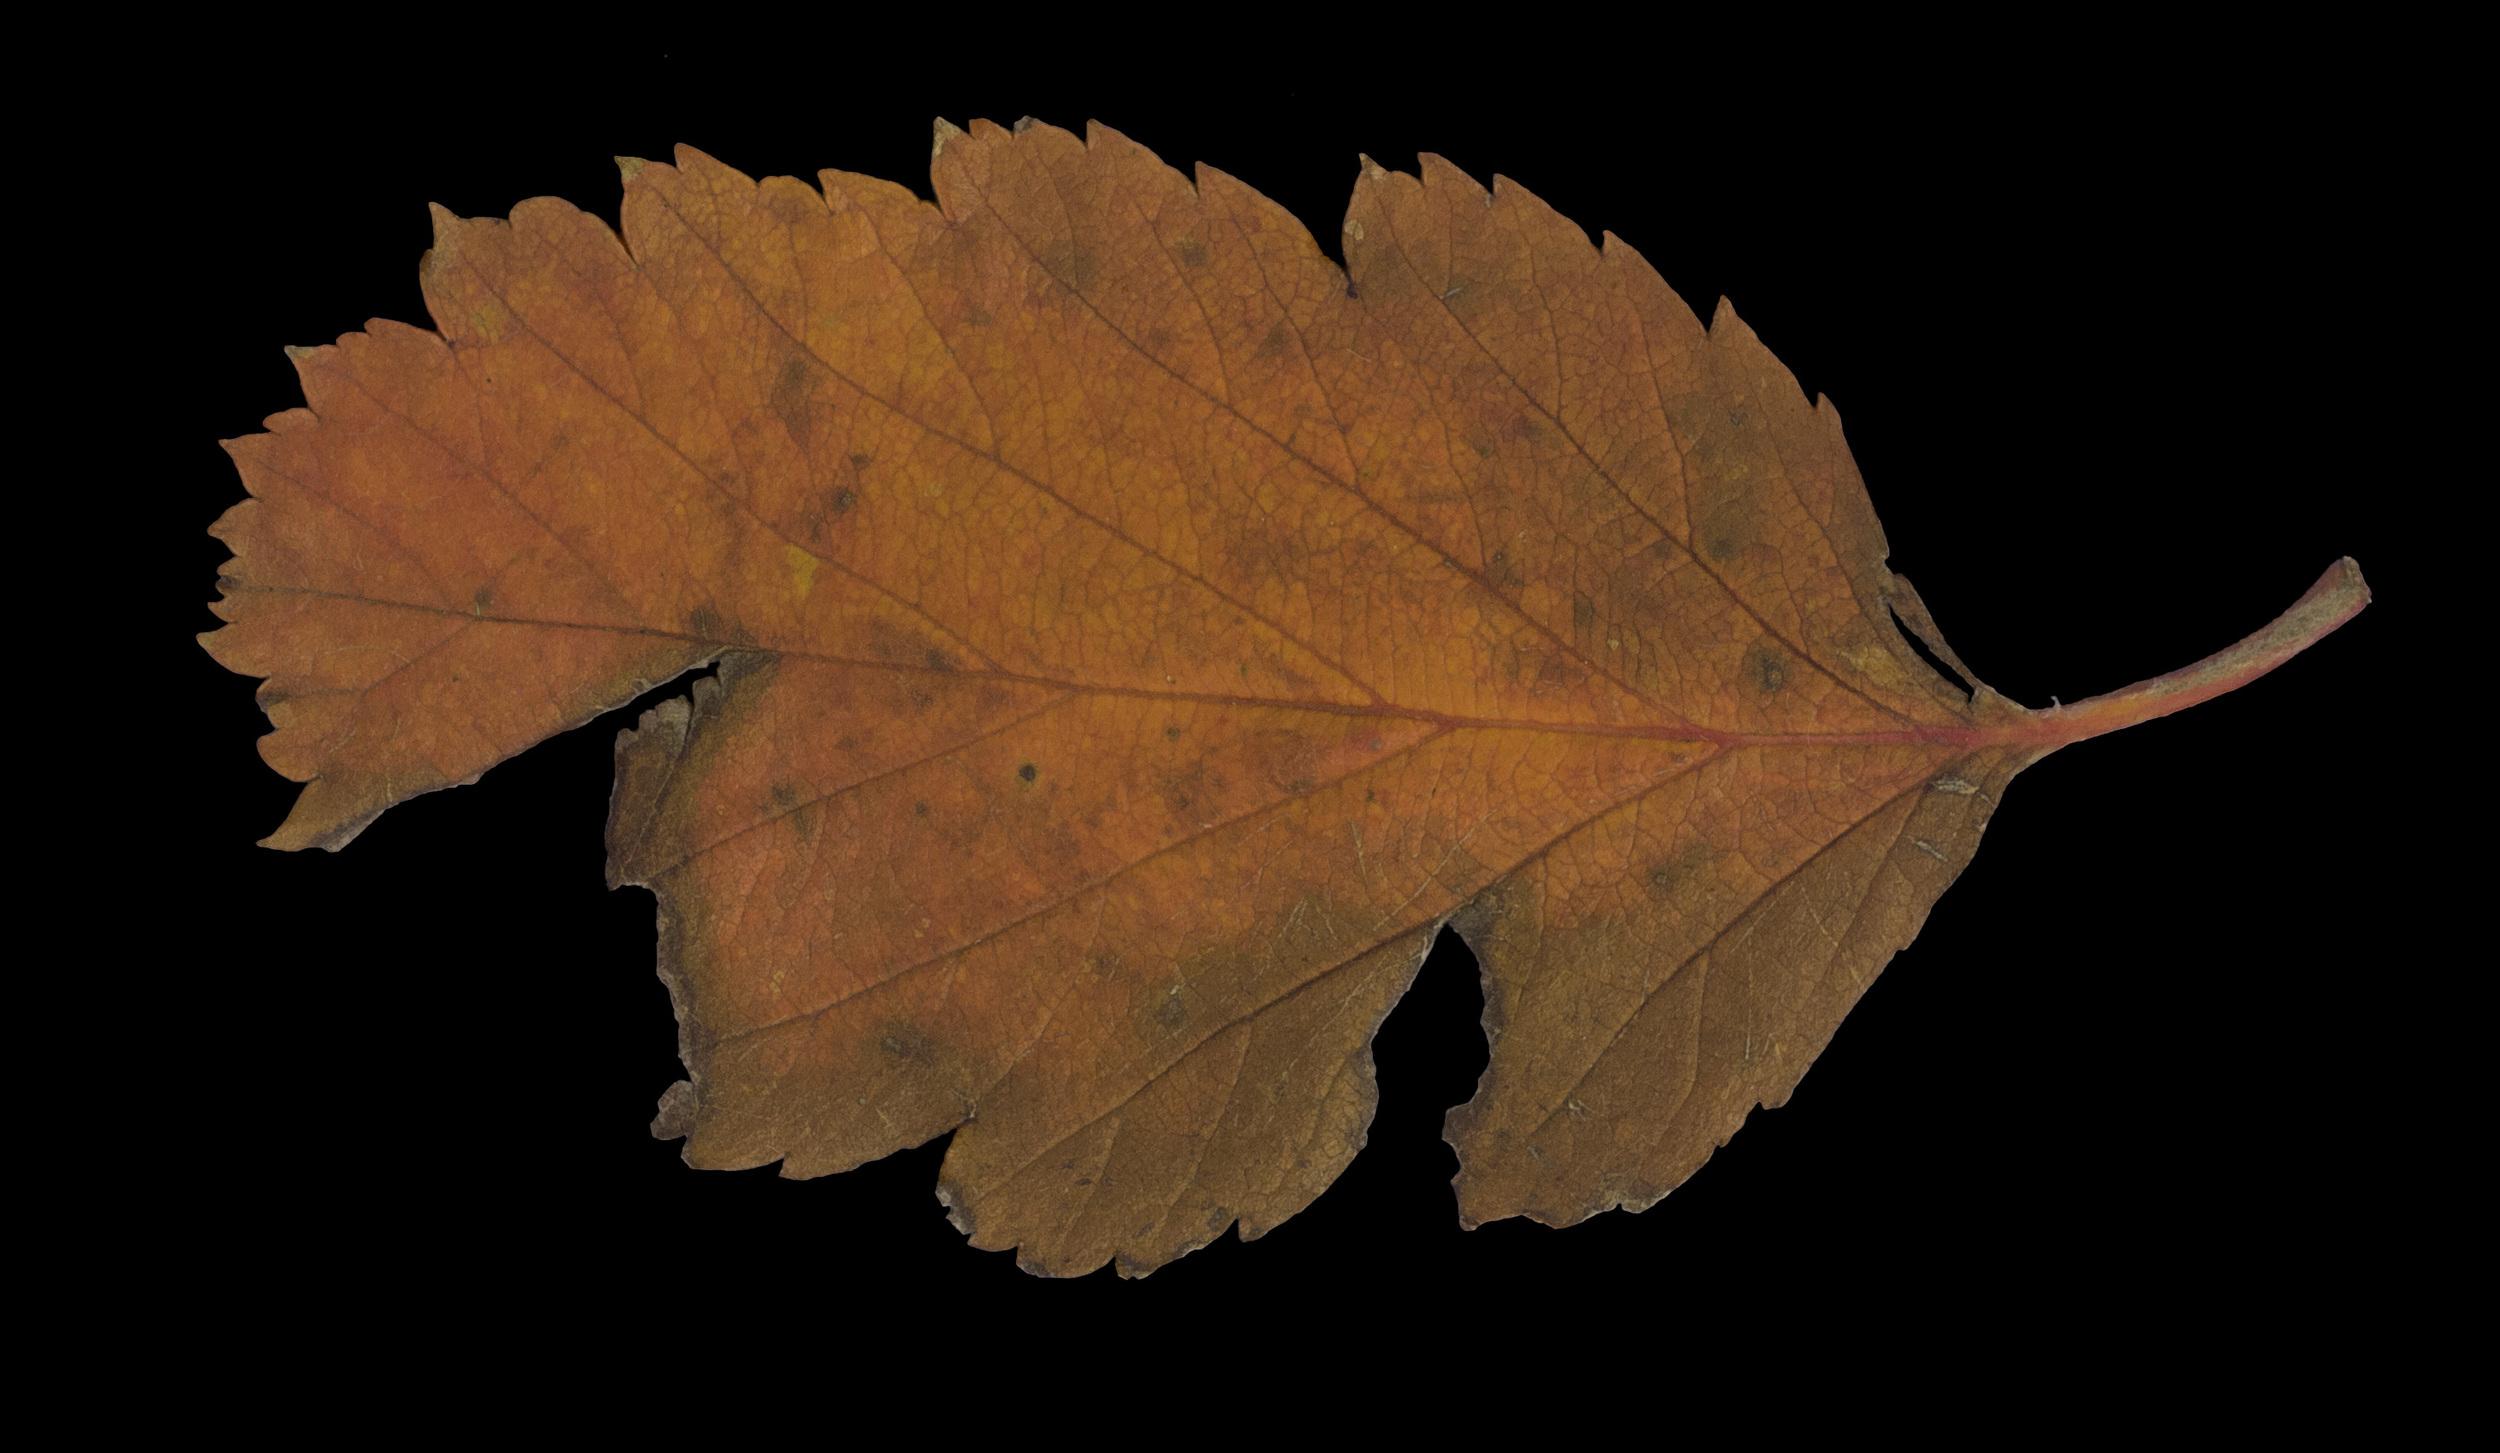 foliage_27.jpg